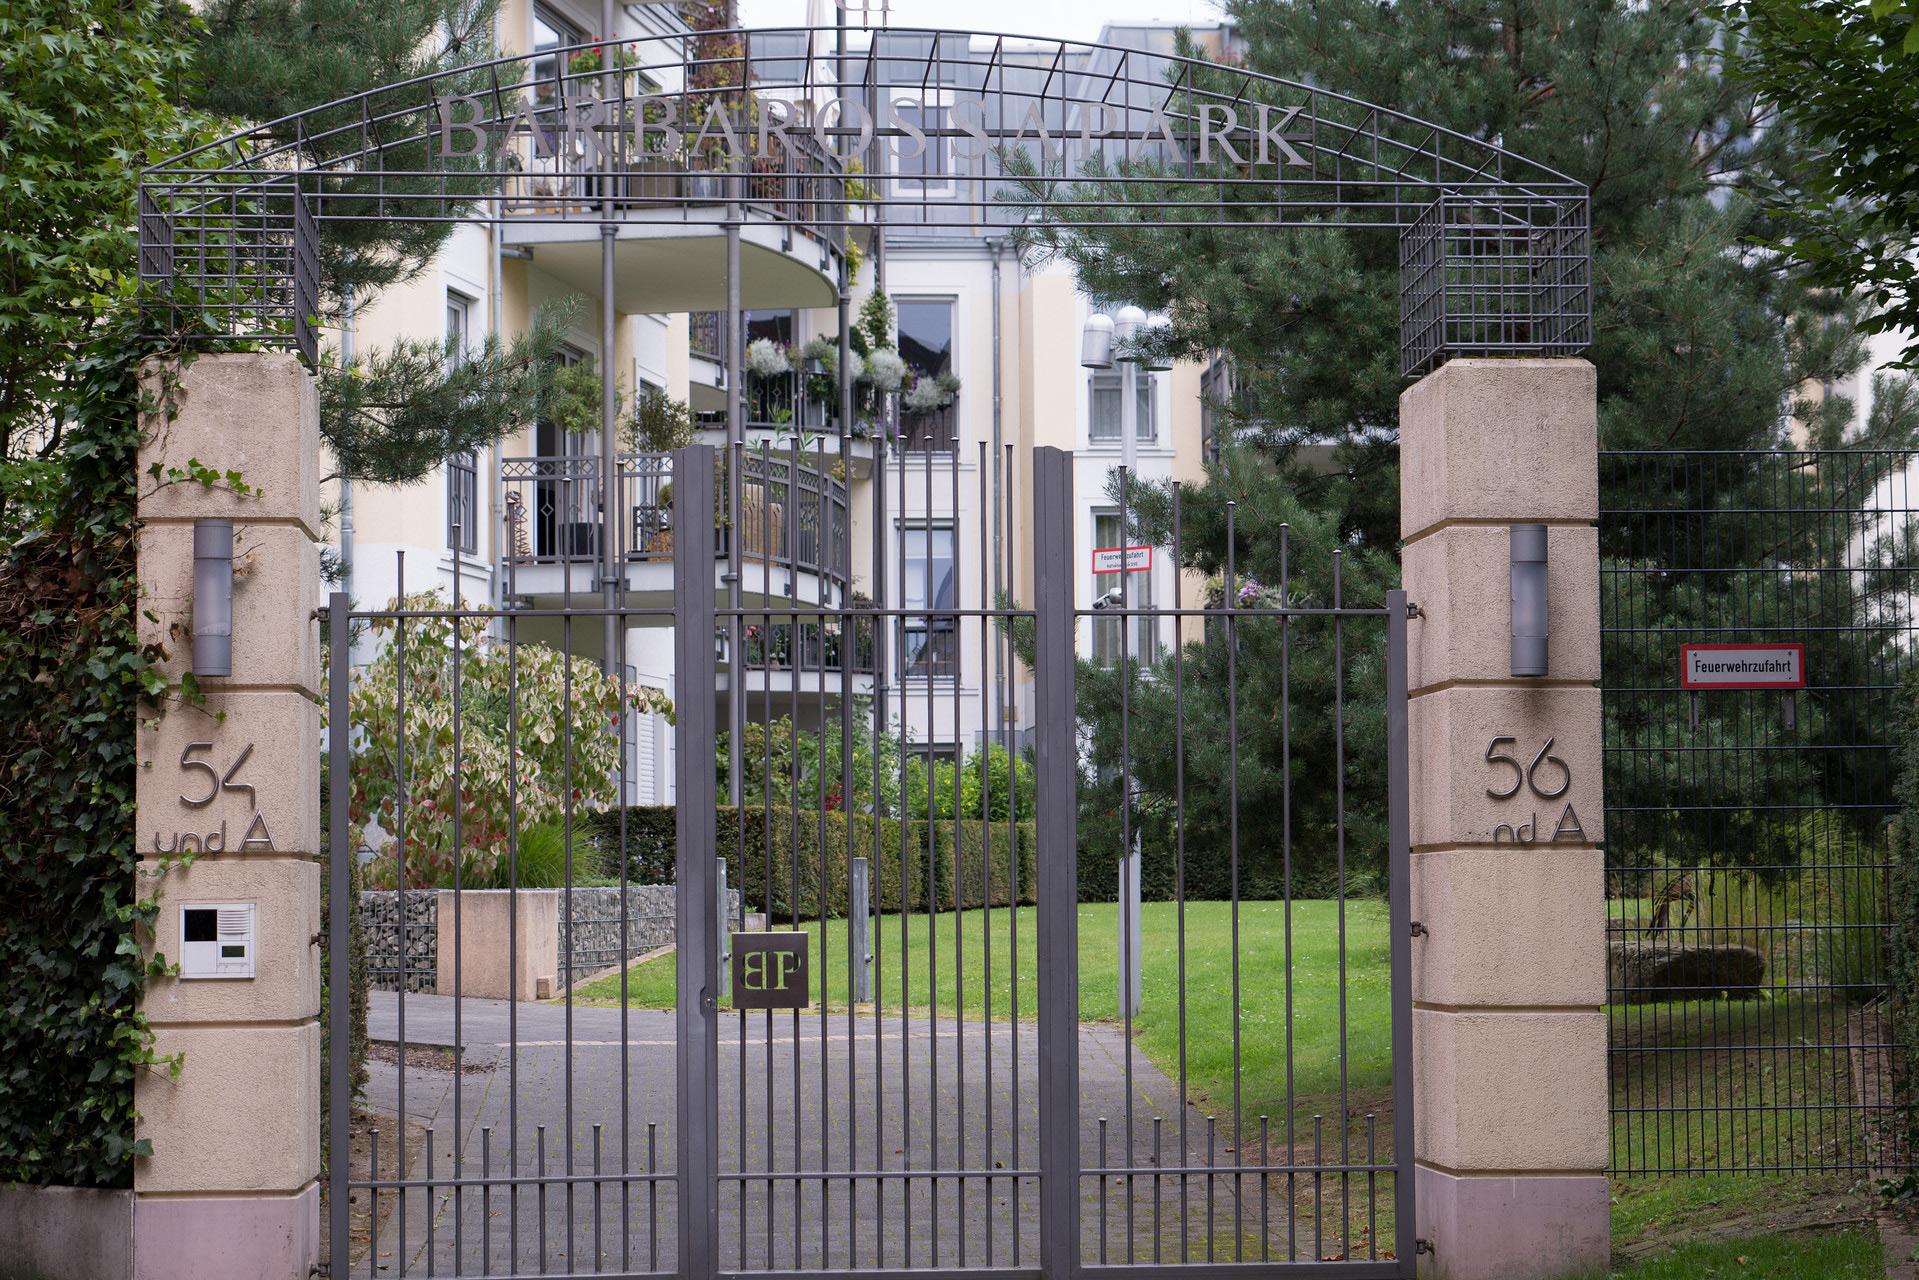 Eingang zum Barbarossapark in Aachen (Bild: Ingold Janssen, Flickr)